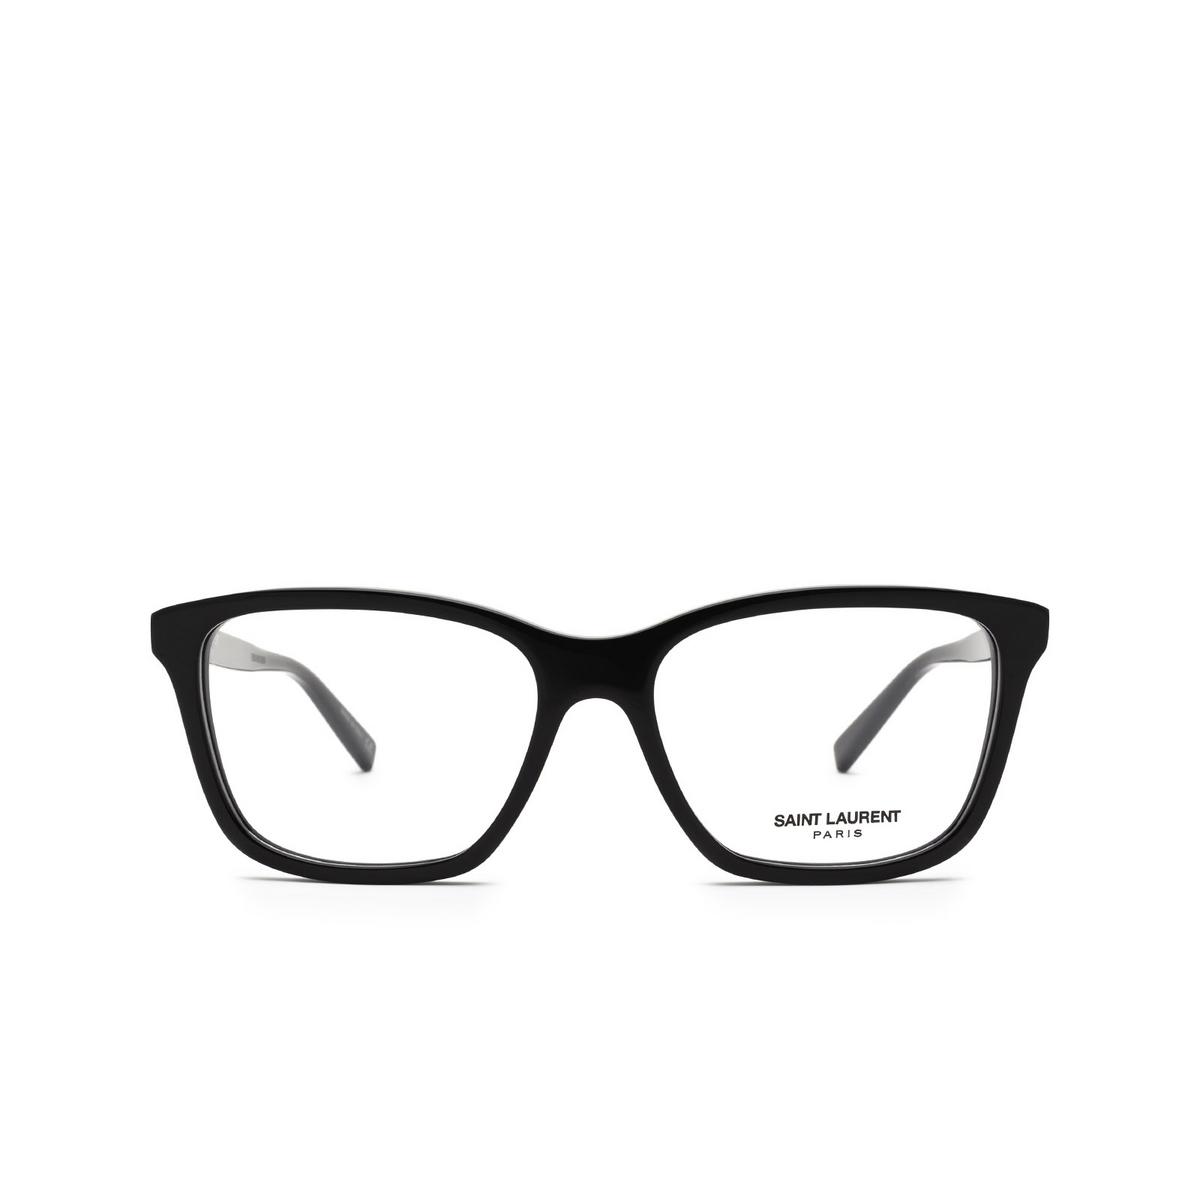 Saint Laurent® Rectangle Eyeglasses: SL 482 color Black 001 - front view.